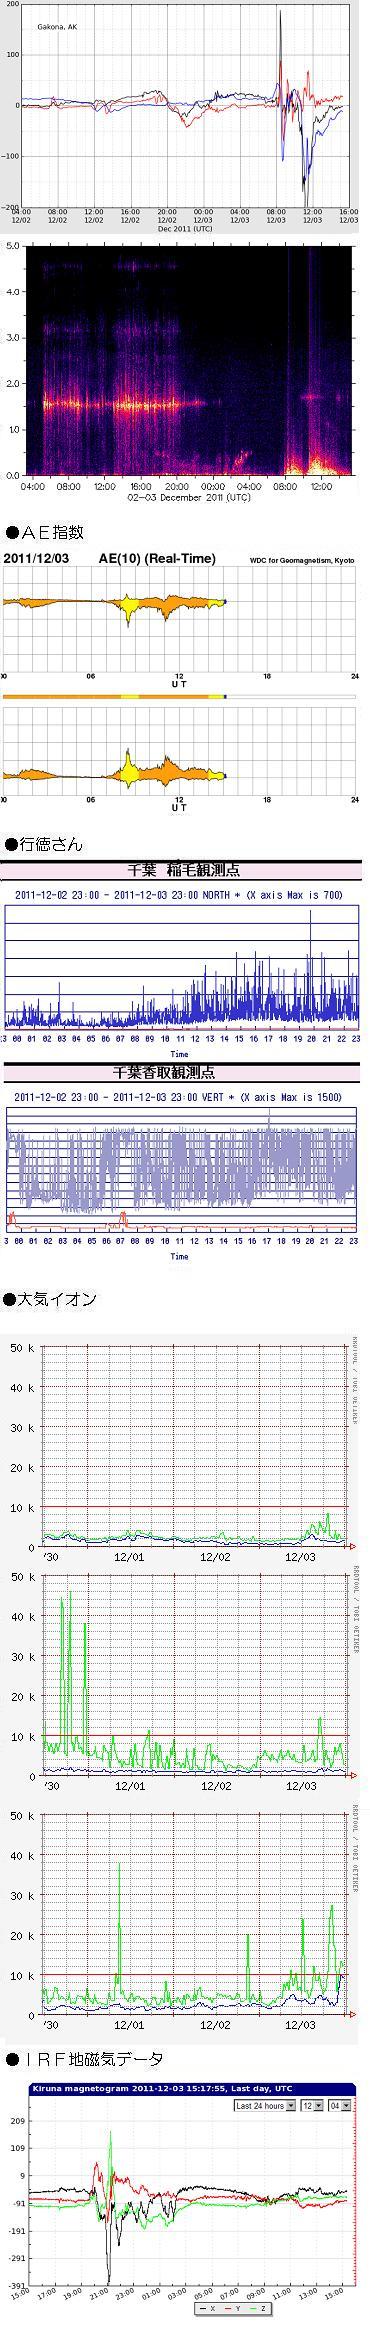 1204-1 データ